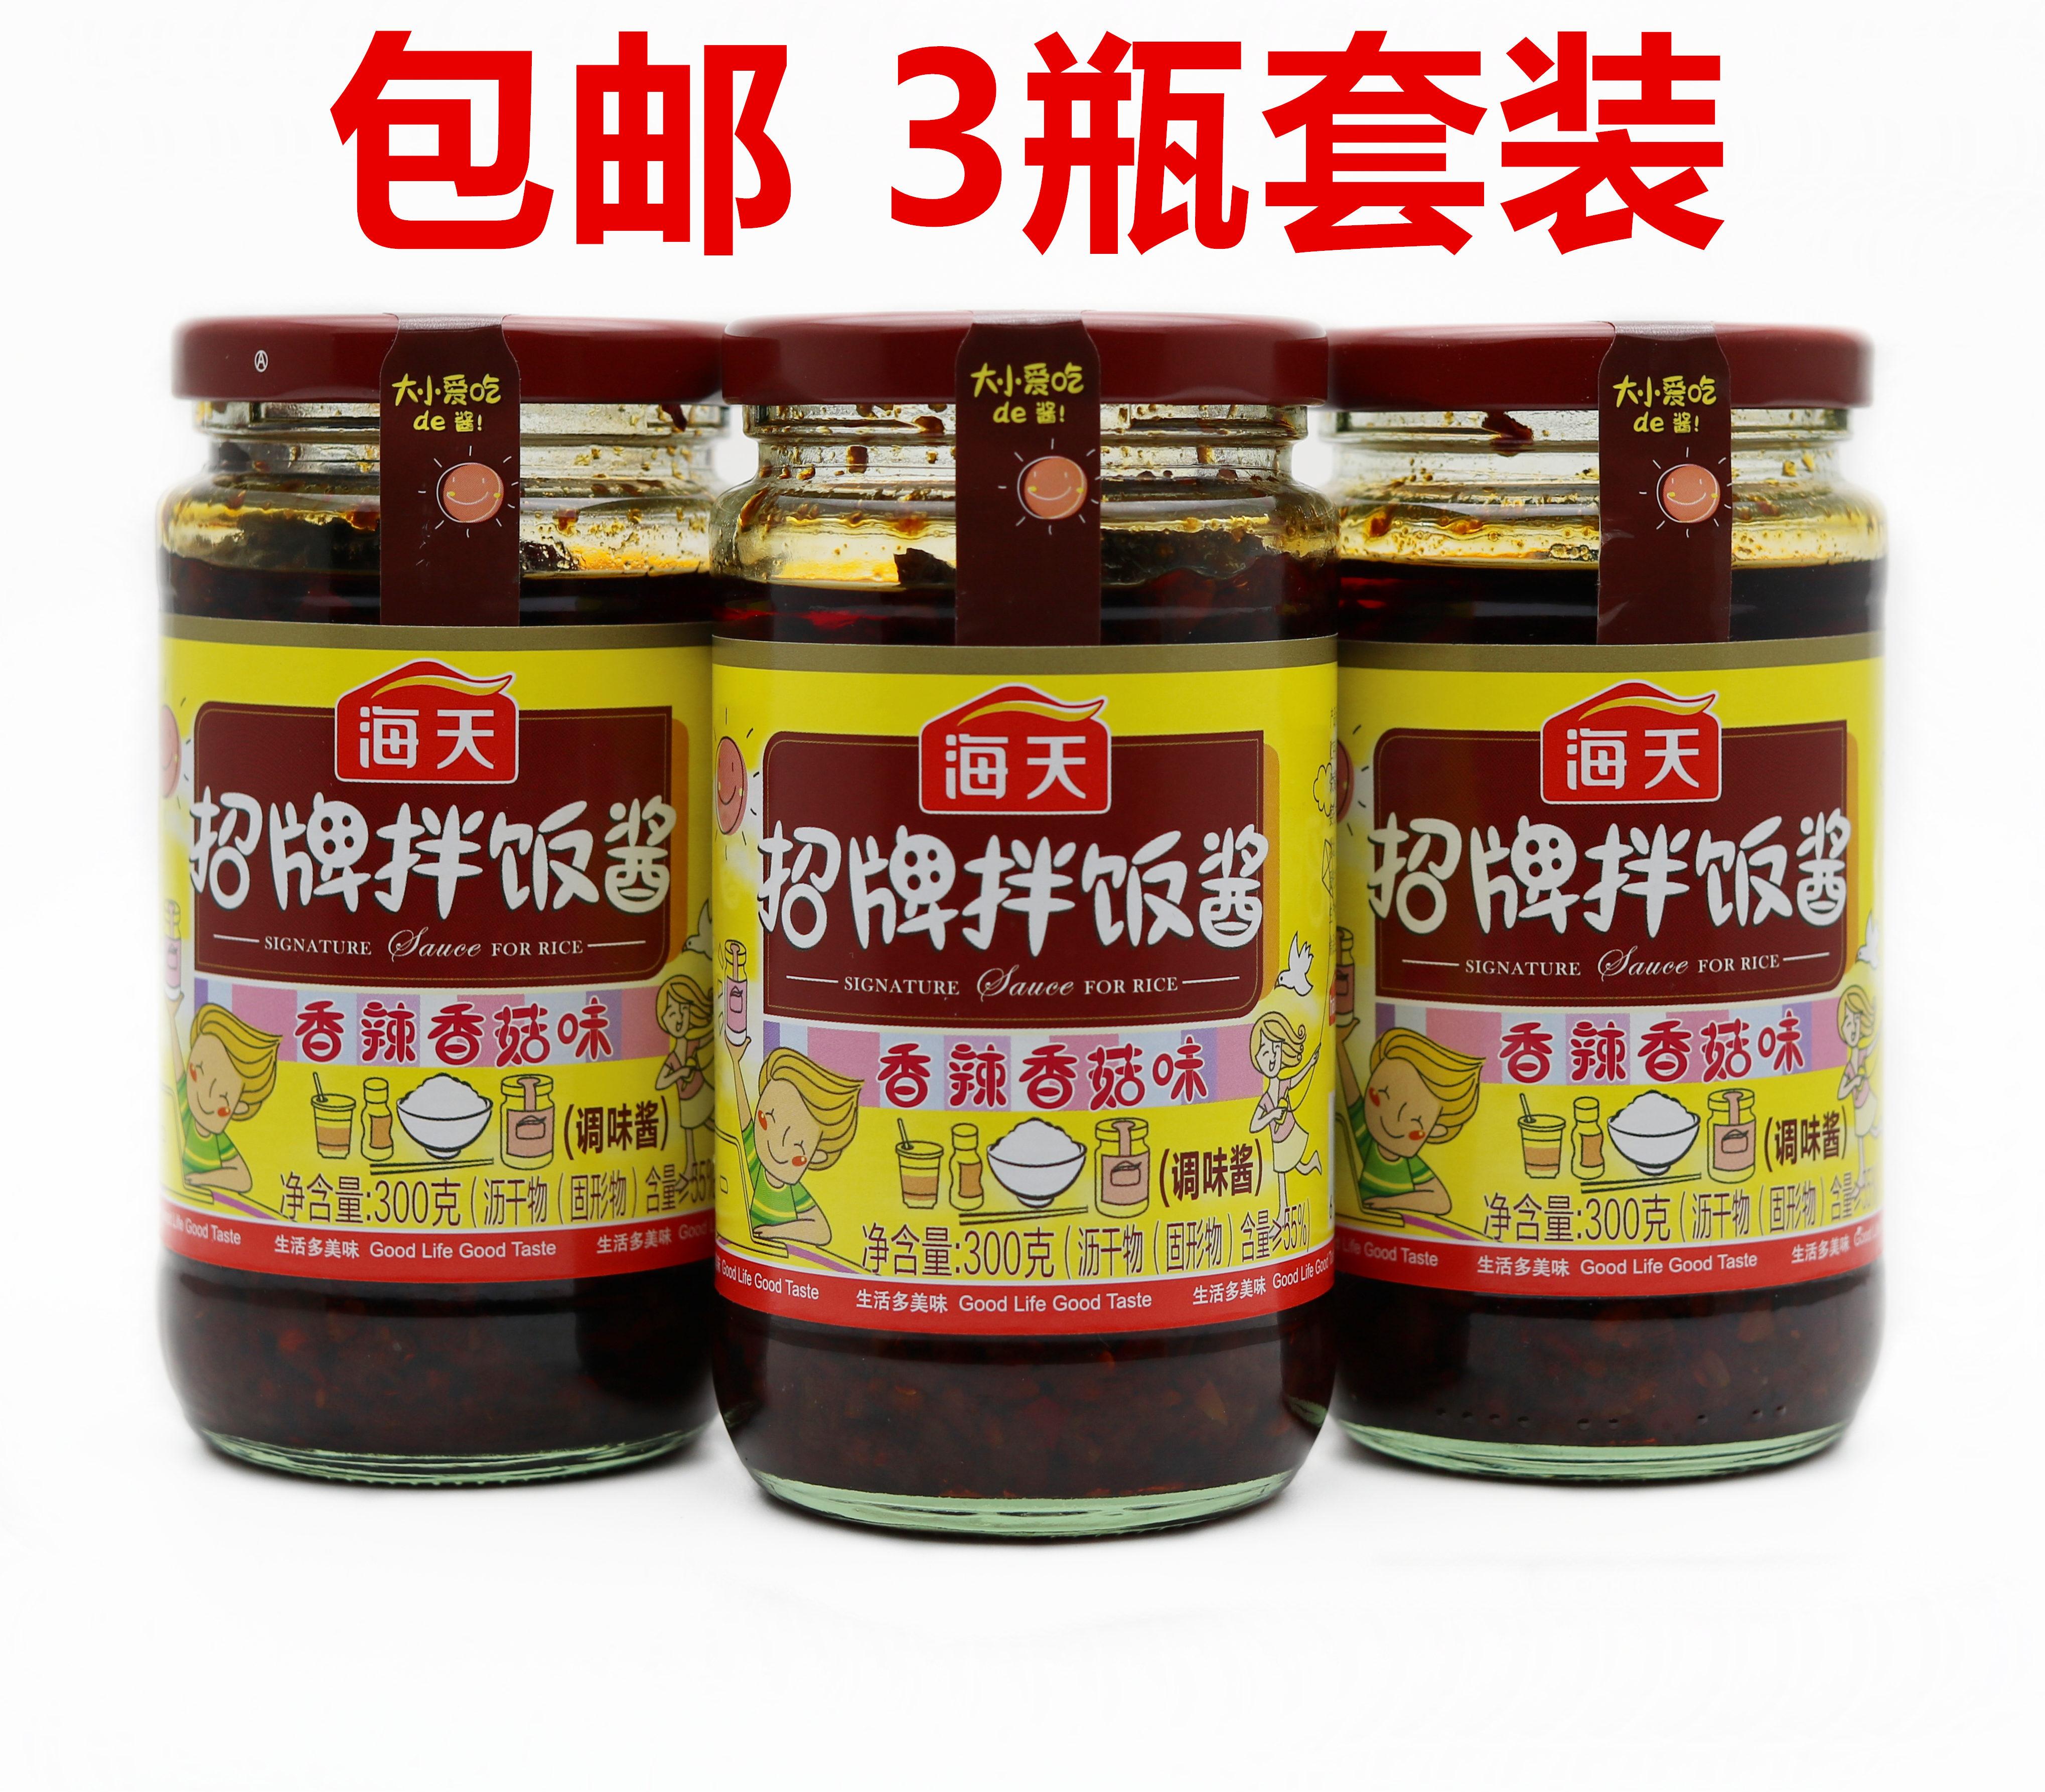 2017年新货包邮海天招牌拌饭酱 300g*3瓶 辣酱 香菇酱 拌饭拌面